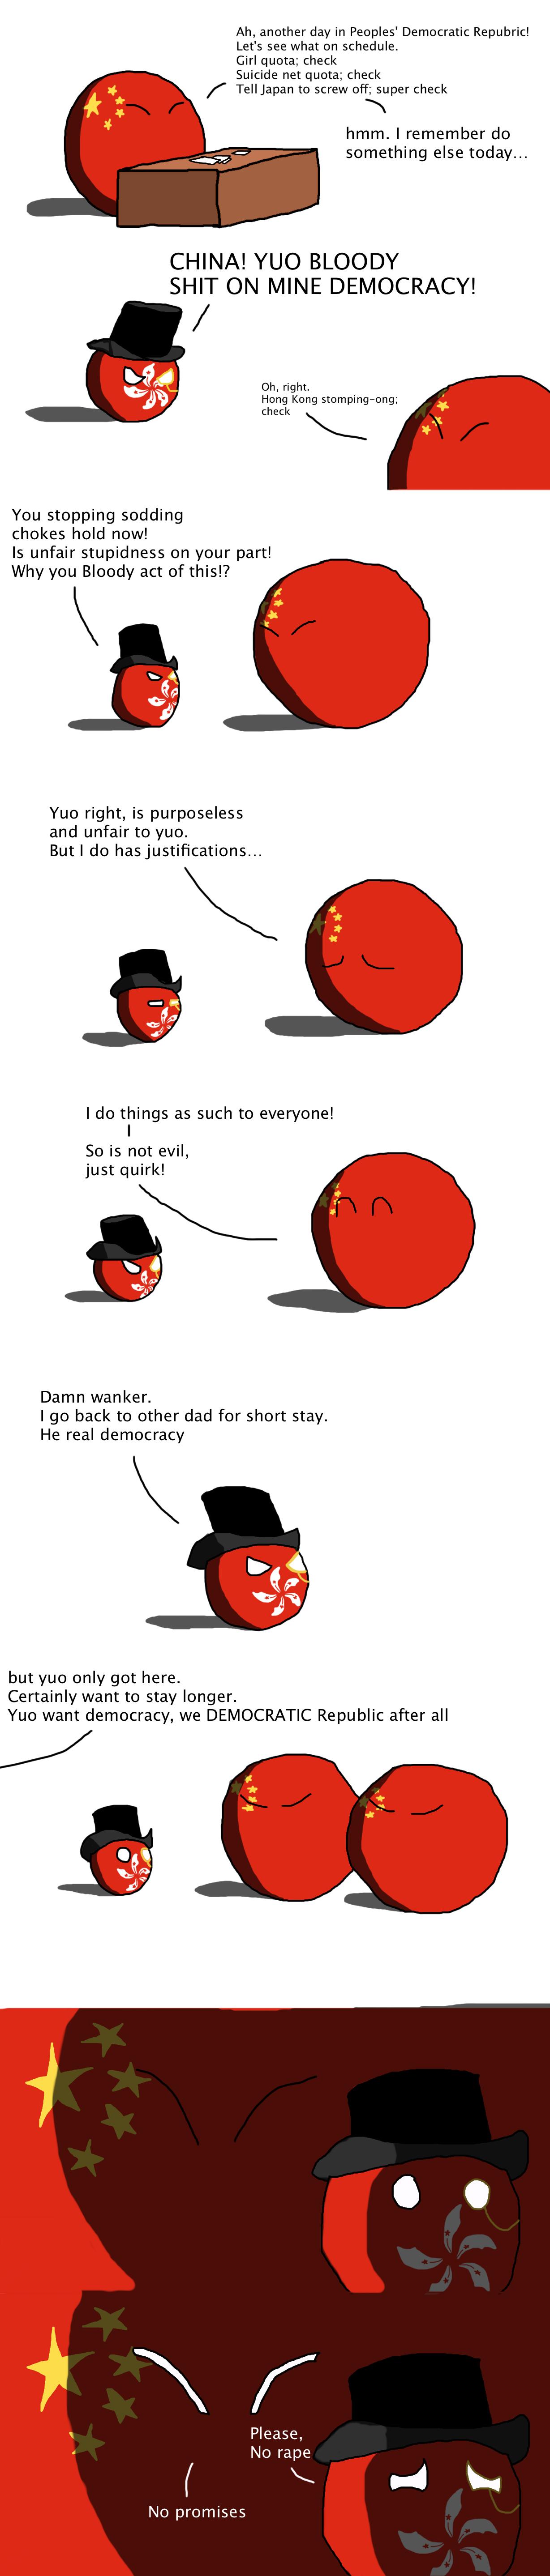 Democratic Quirks